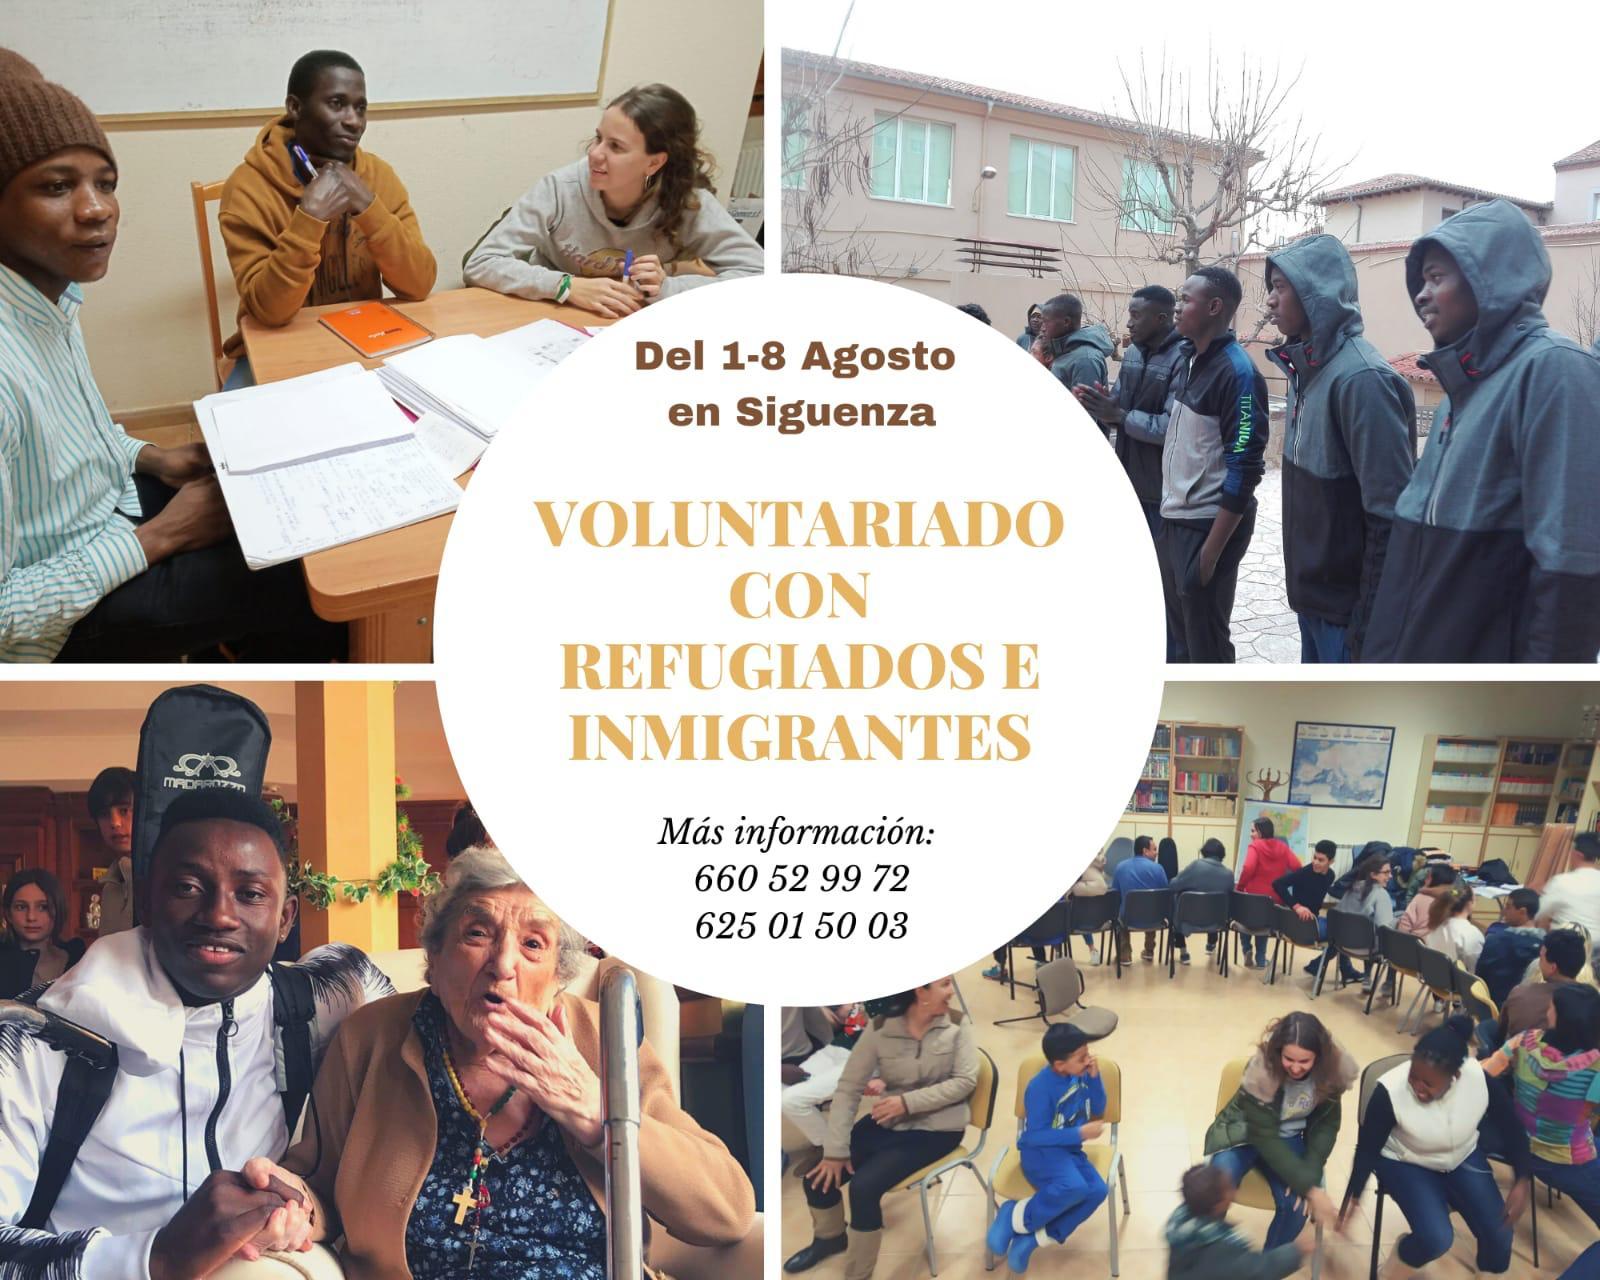 Voluntariado con refugiados inmigrantes en Sigüenza